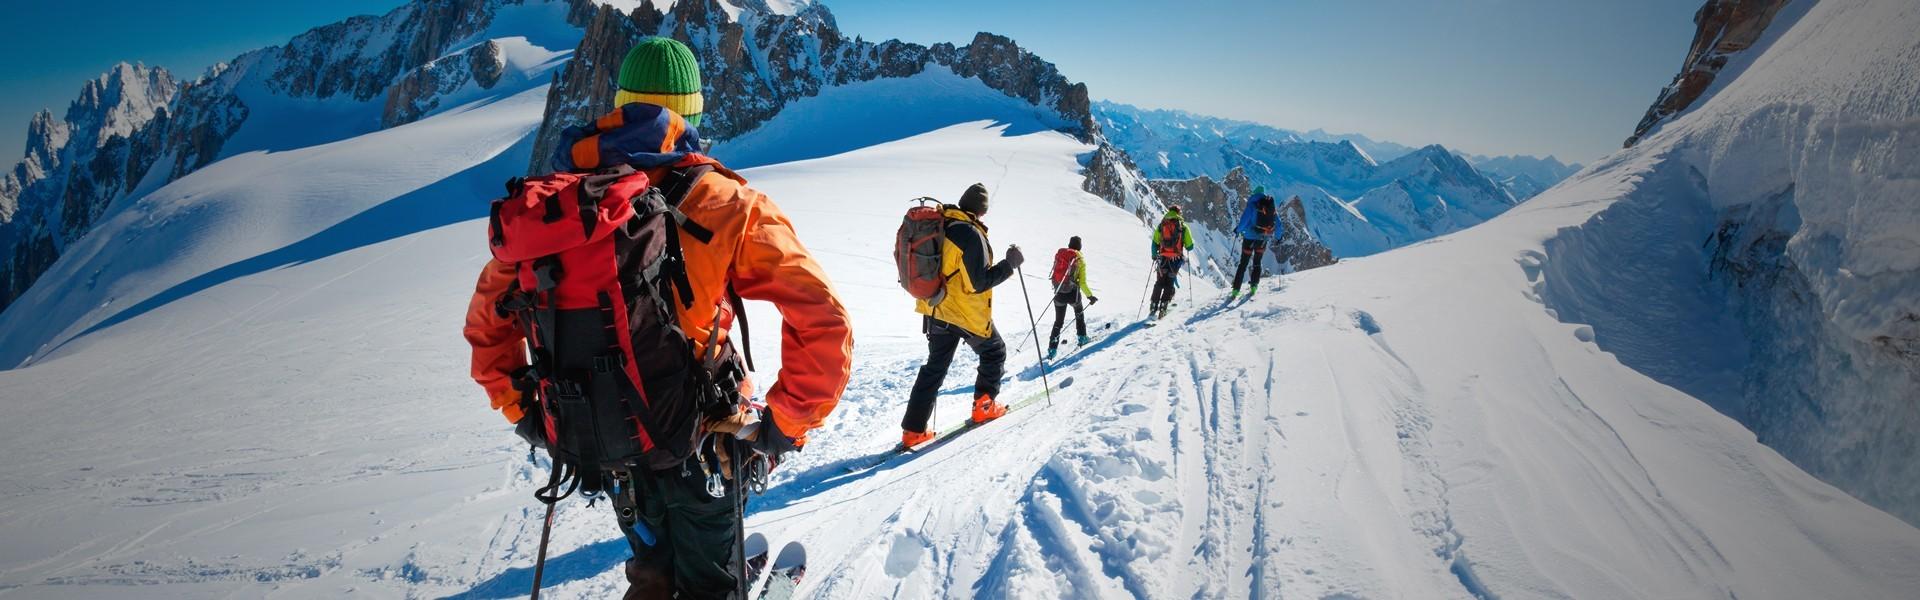 Articoli sportivi per sci alpinismo - Acquista online su Sportland 3a999271991